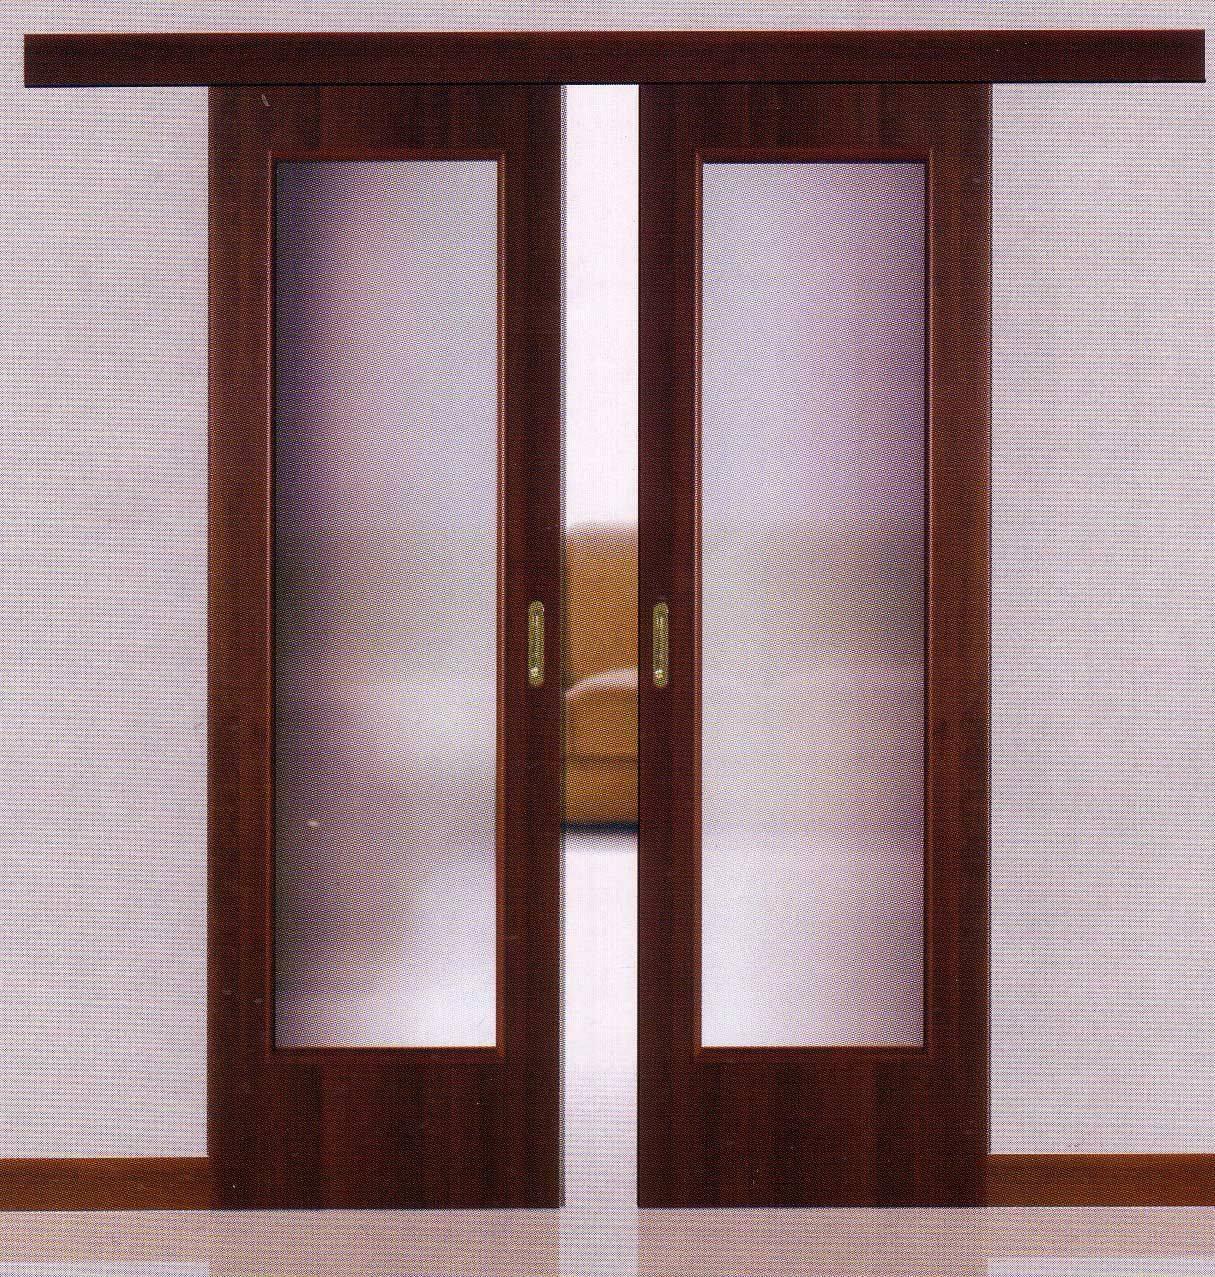 Двери раздвижные двухстворчатые